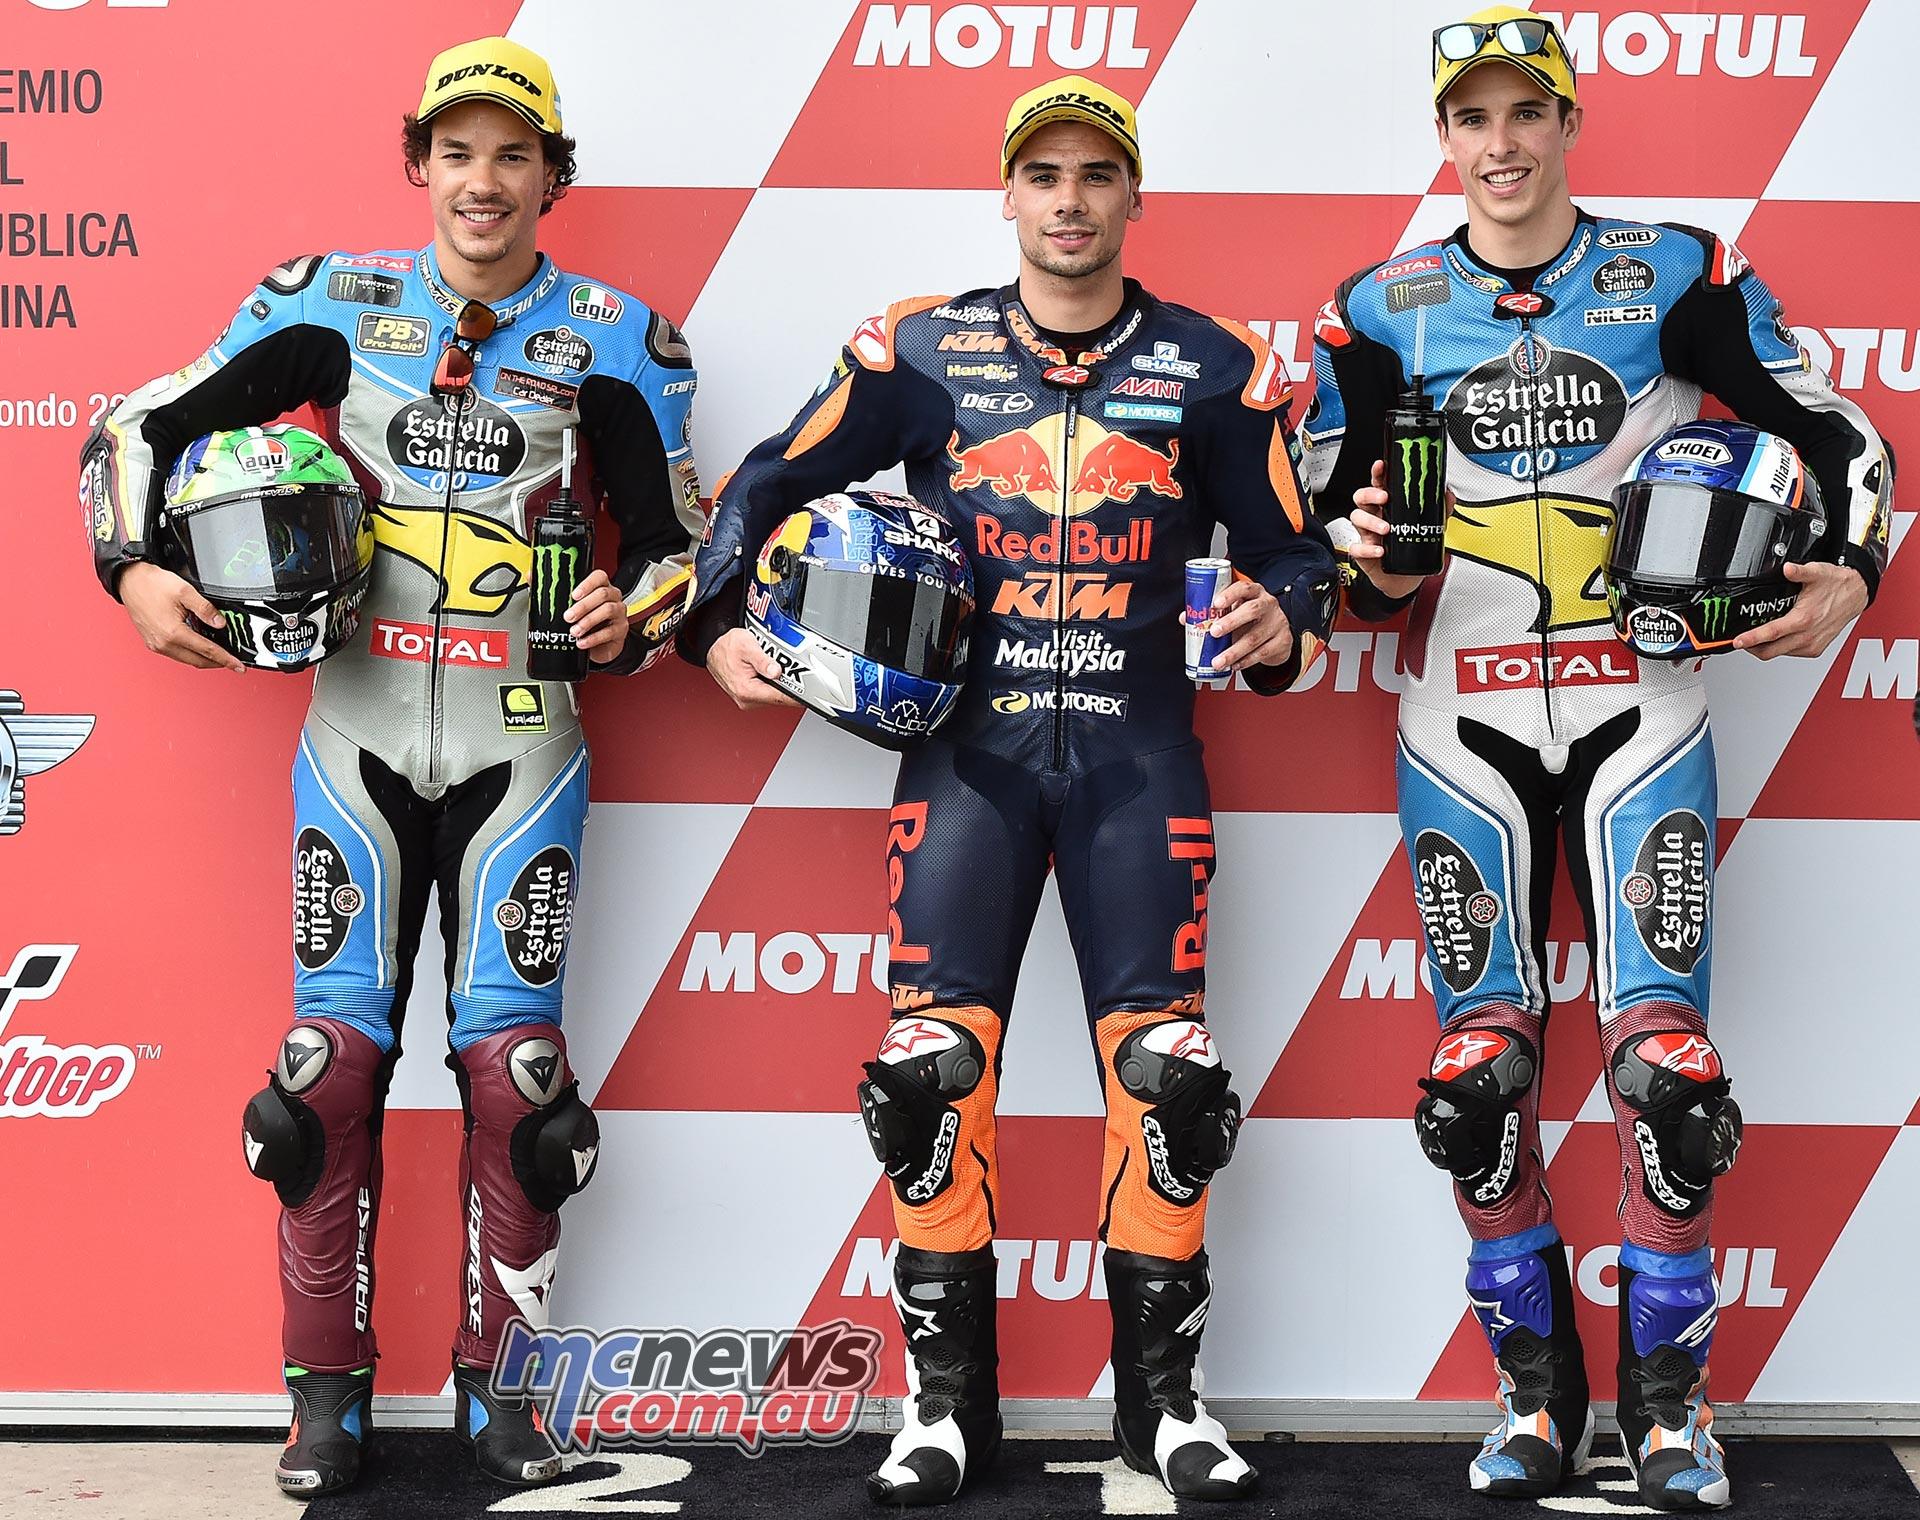 Motogp Qatar Race Time | MotoGP 2017 Info, Video, Points Table